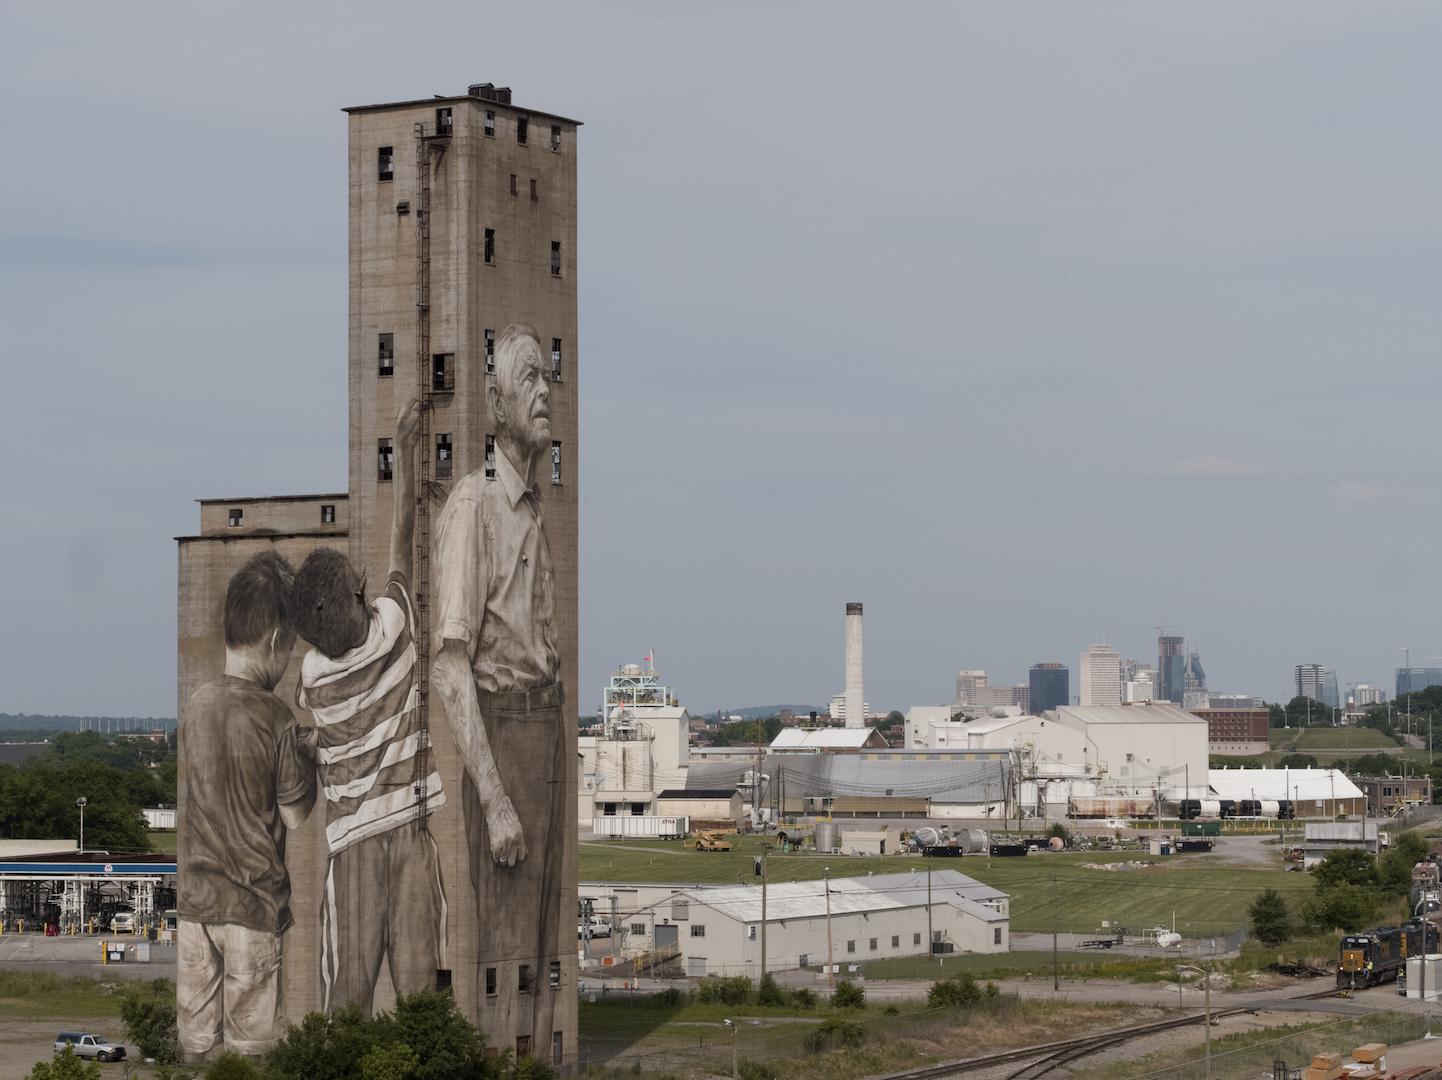 Guido van Helten in Nashville, USA Artes & contextos 12